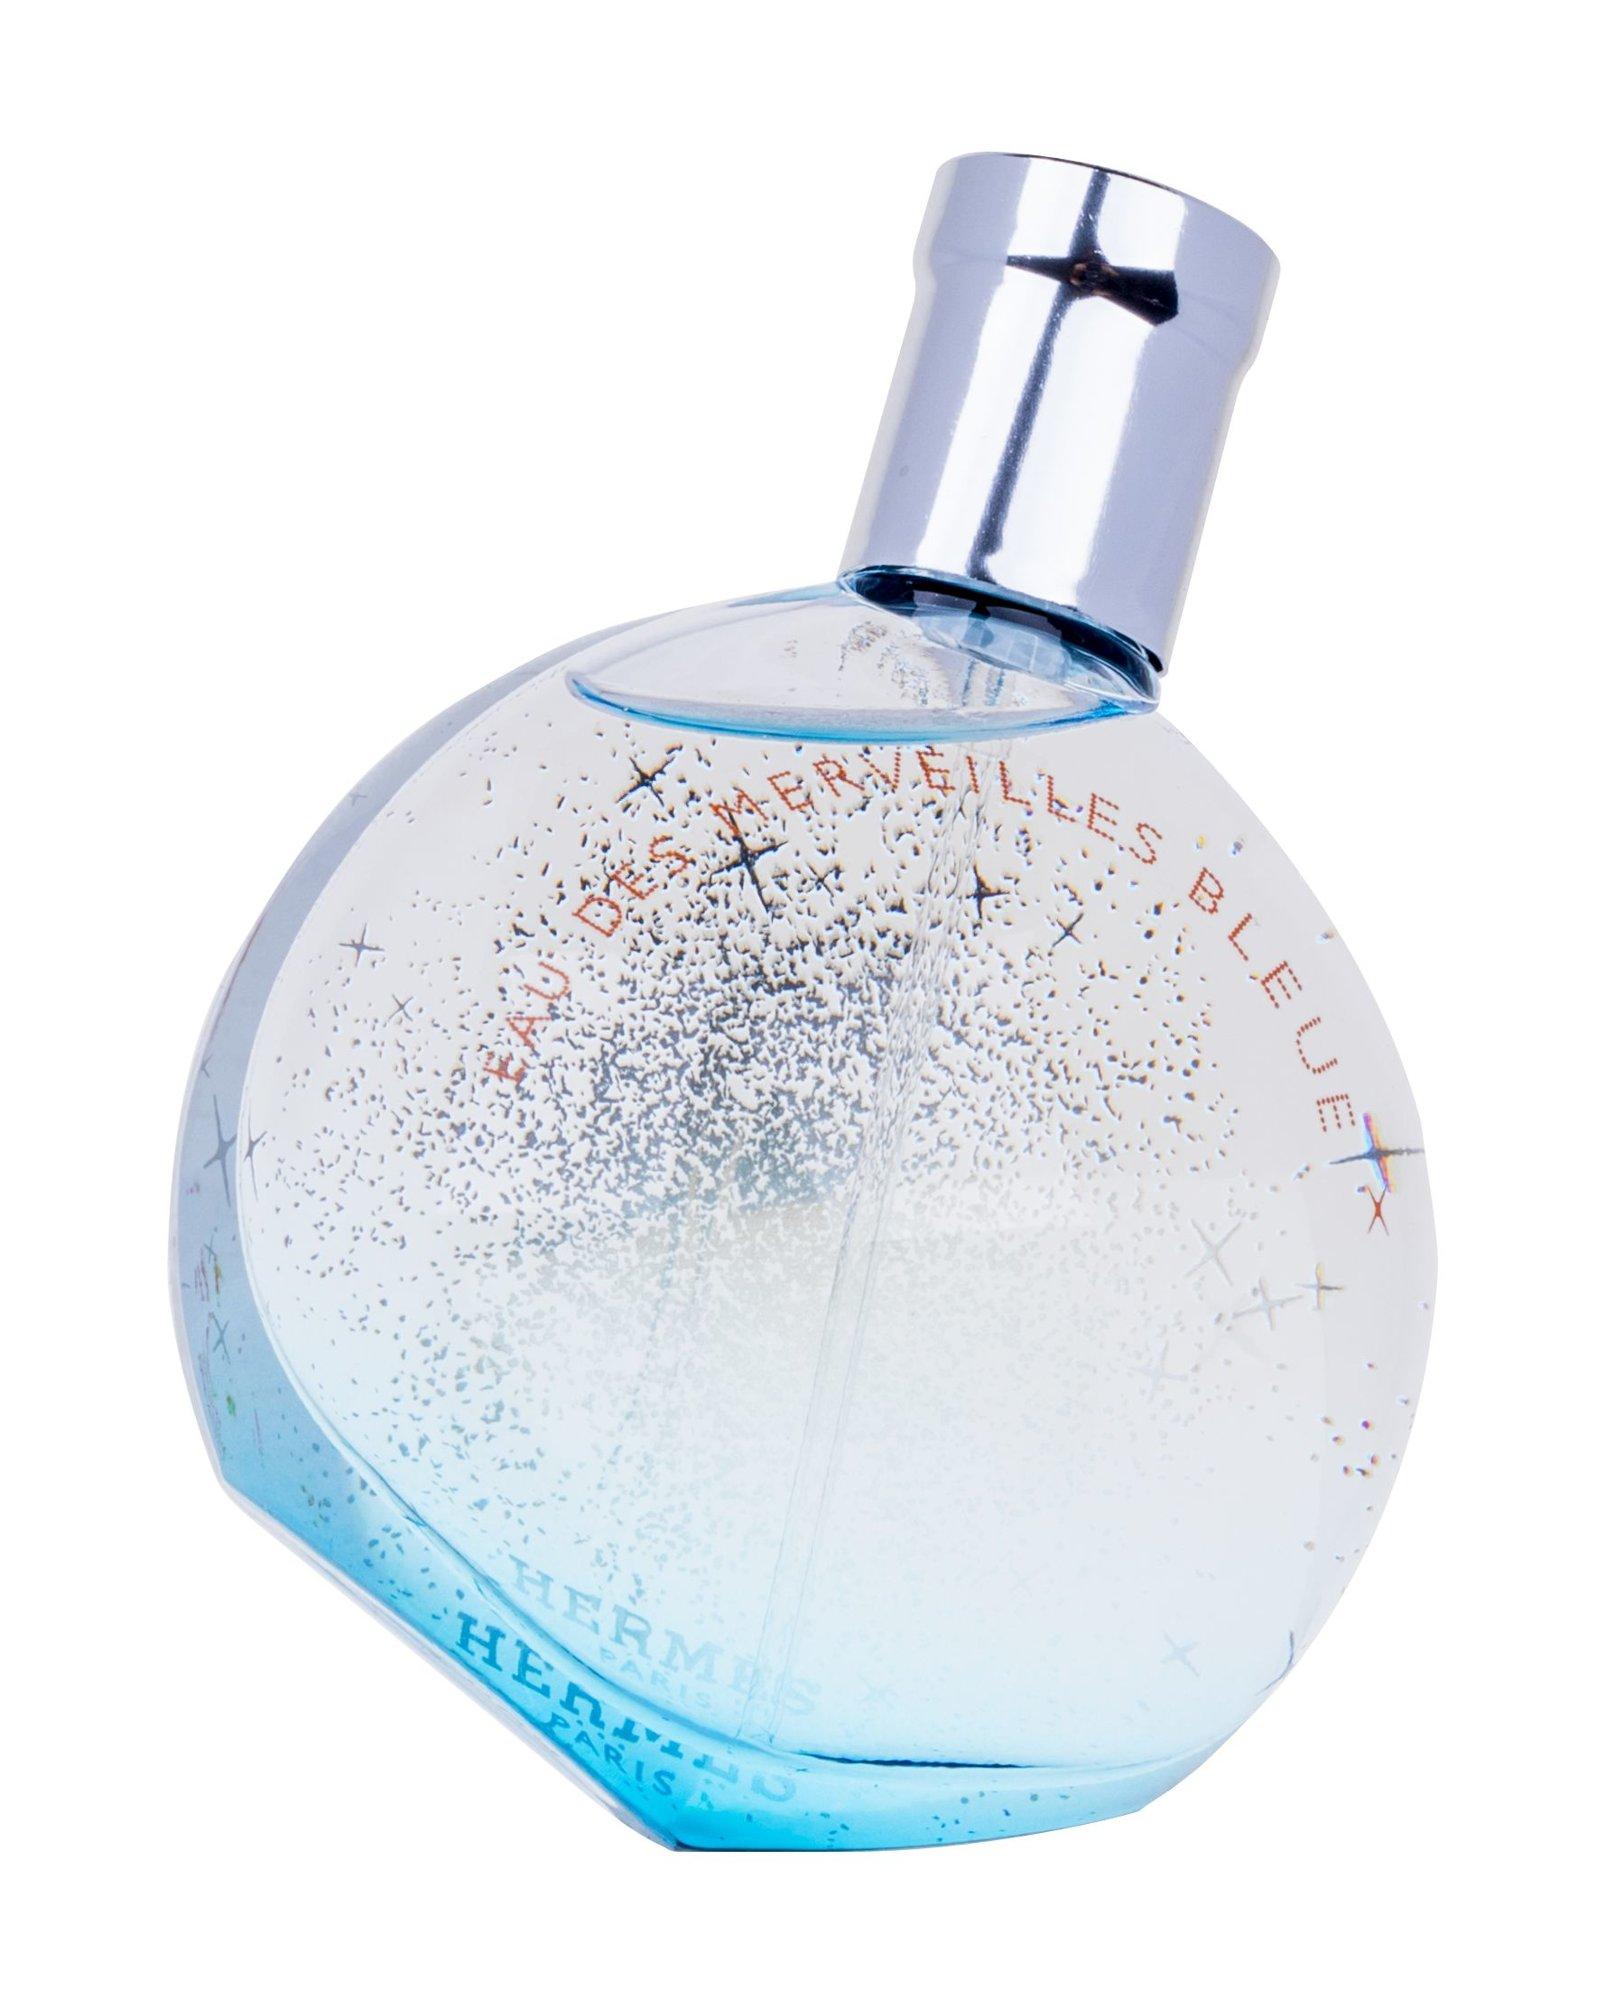 Hermes Eau des Merveilles Bleue EDT 30ml